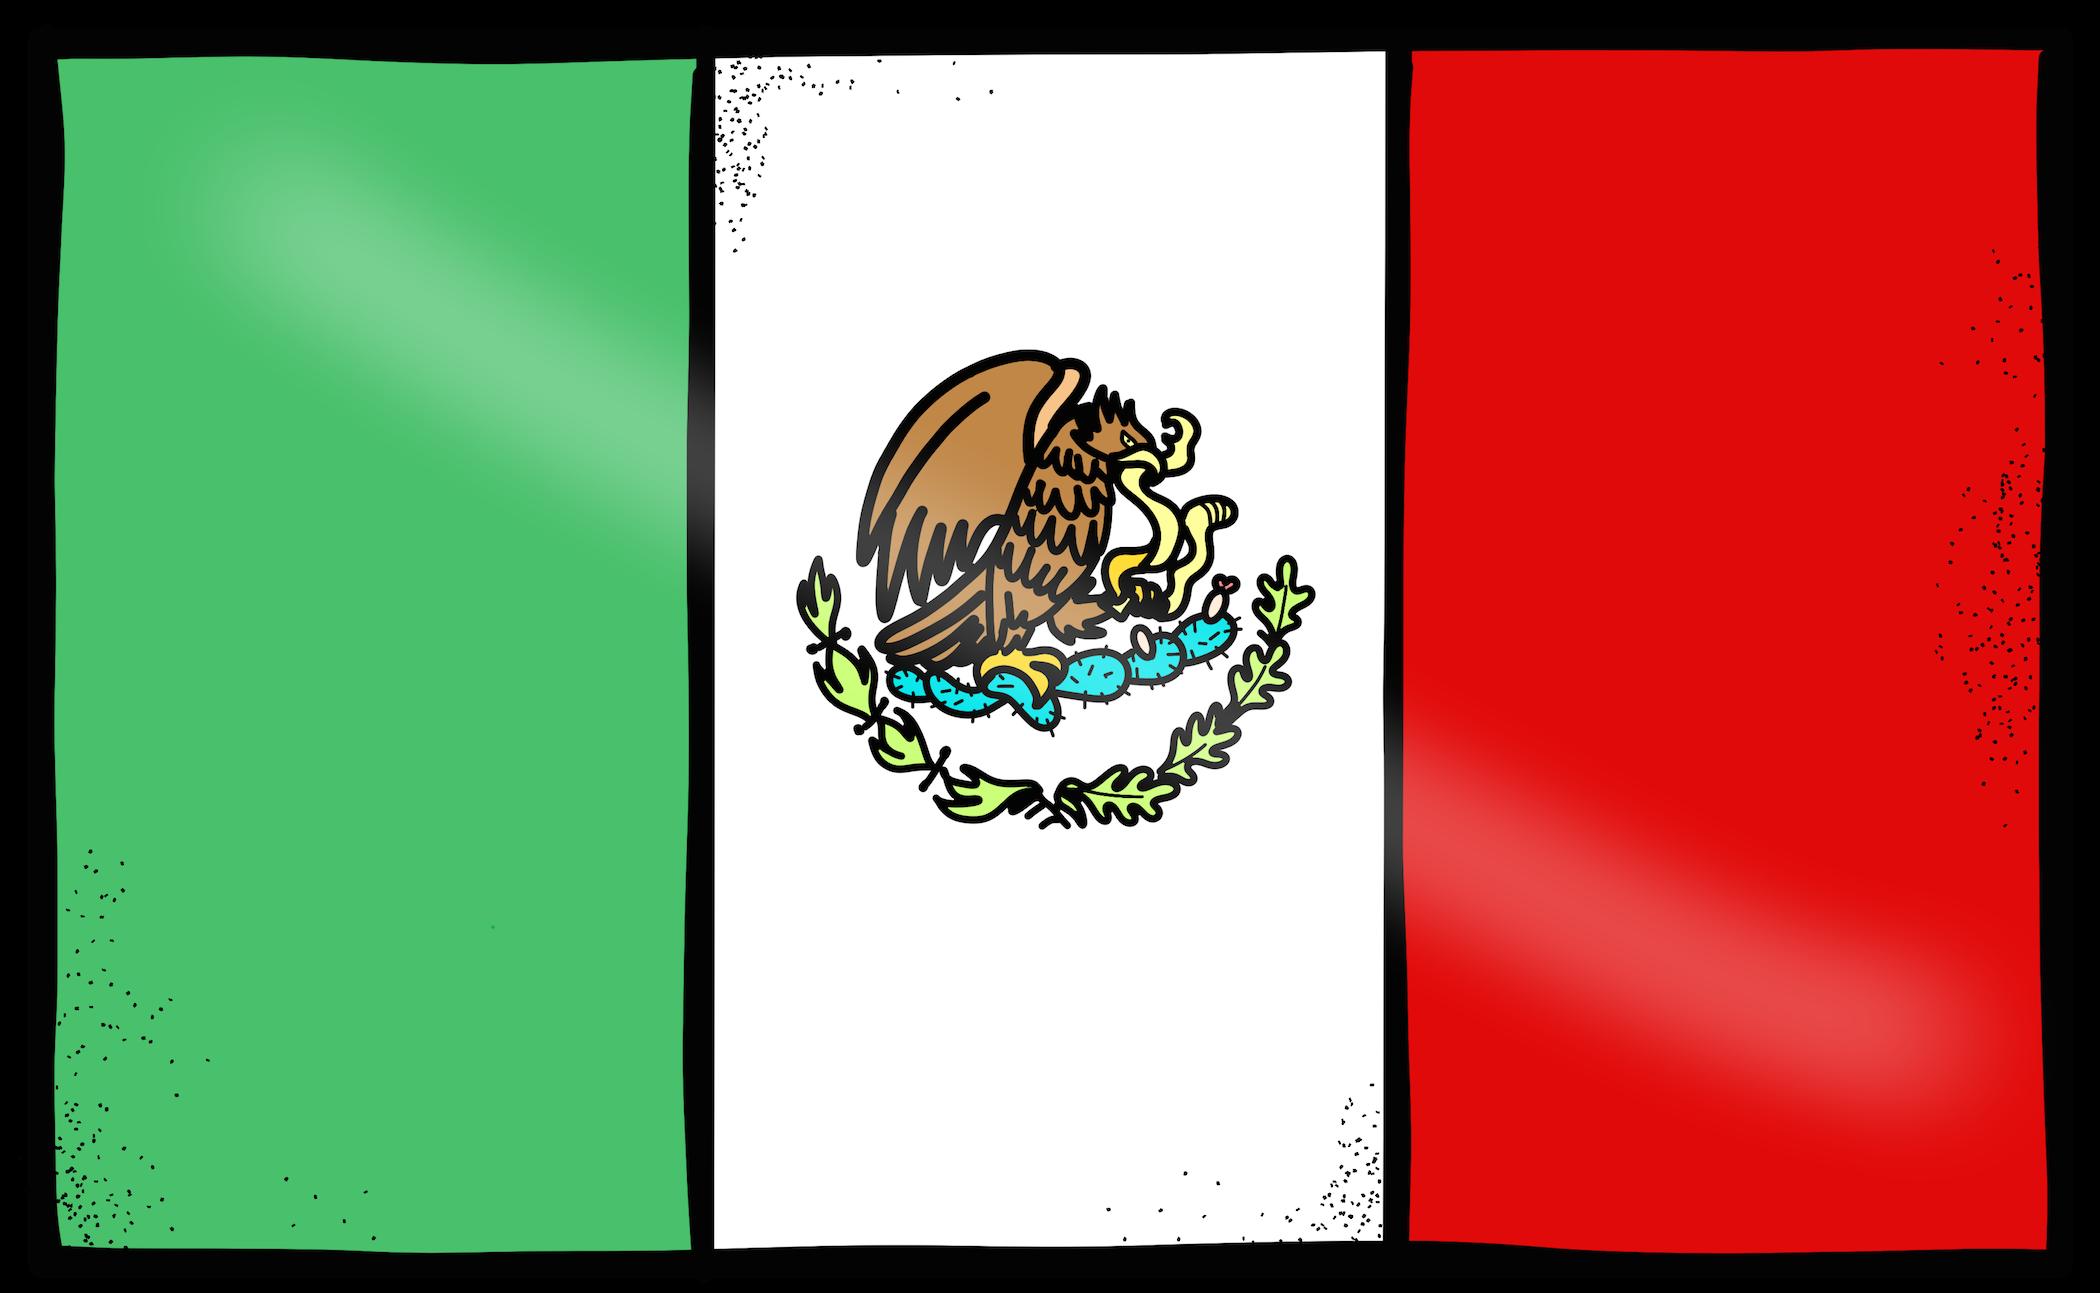 Bandera De Mexico Bandera De Mexico Dibujo Mexico Bandera Dia De La Bandera